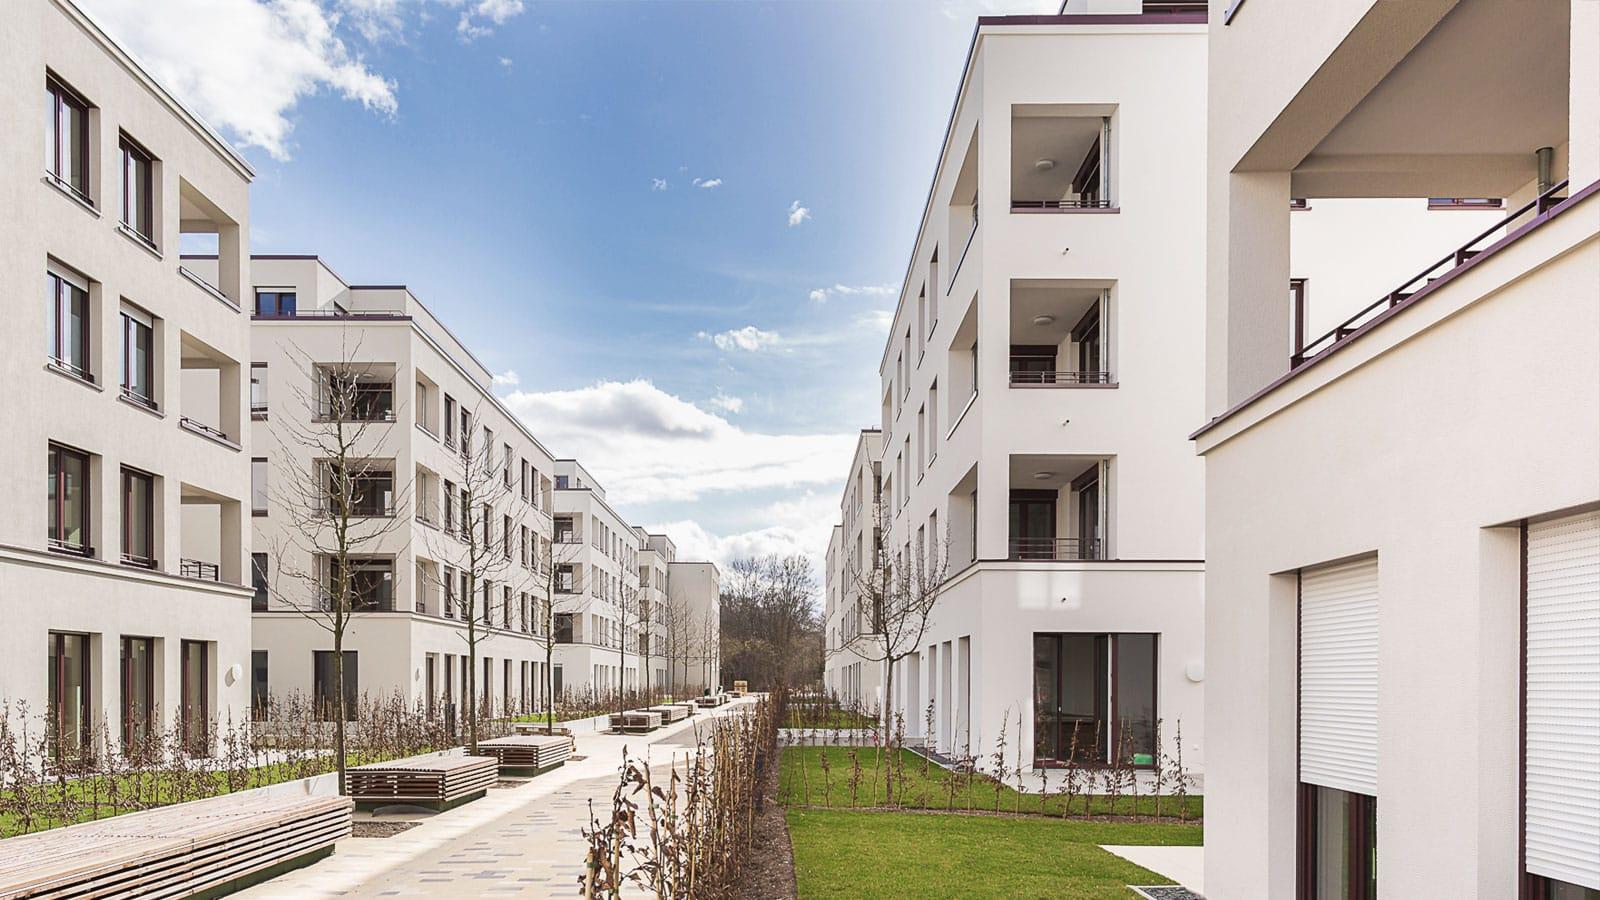 Farben Entwerfen Für Architektur Projekte 1: Giesler Architekten